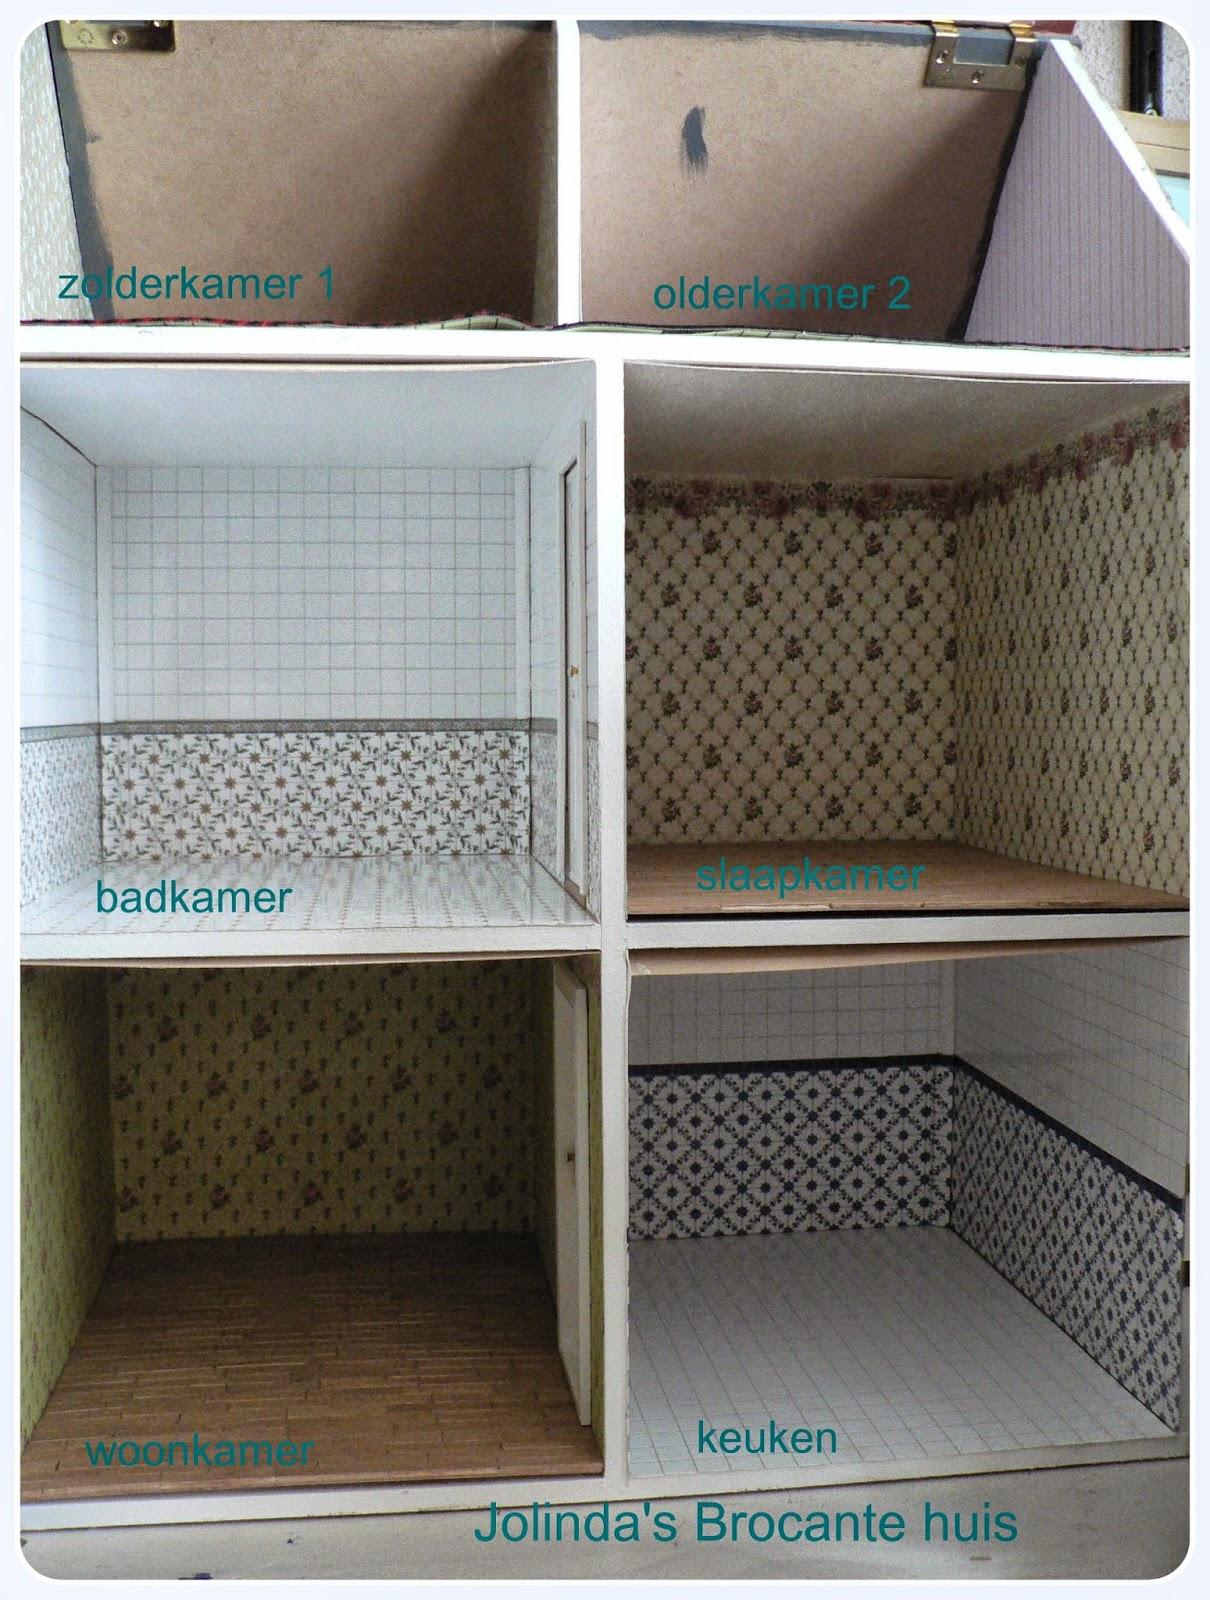 Brocante Slaapkamers : Brocante slaapkamer behang mooiste ziet jouw er ...